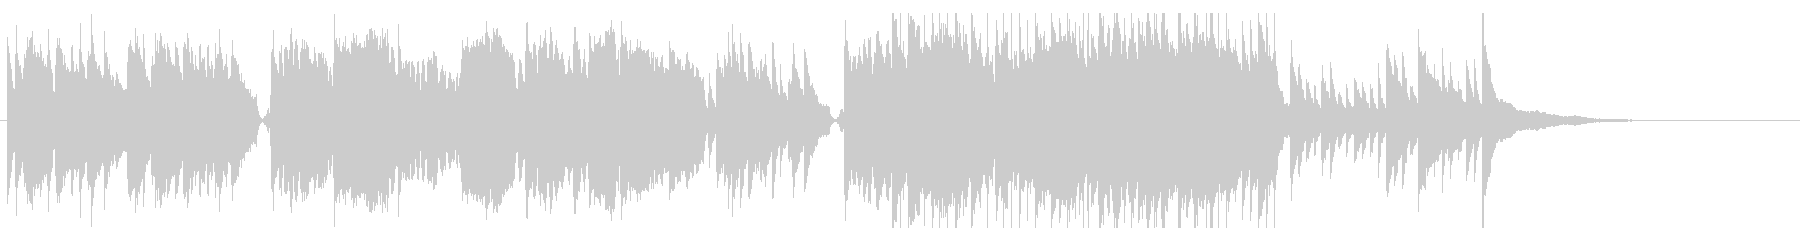 イントロが和風な雰囲気のBGMの未再生の波形